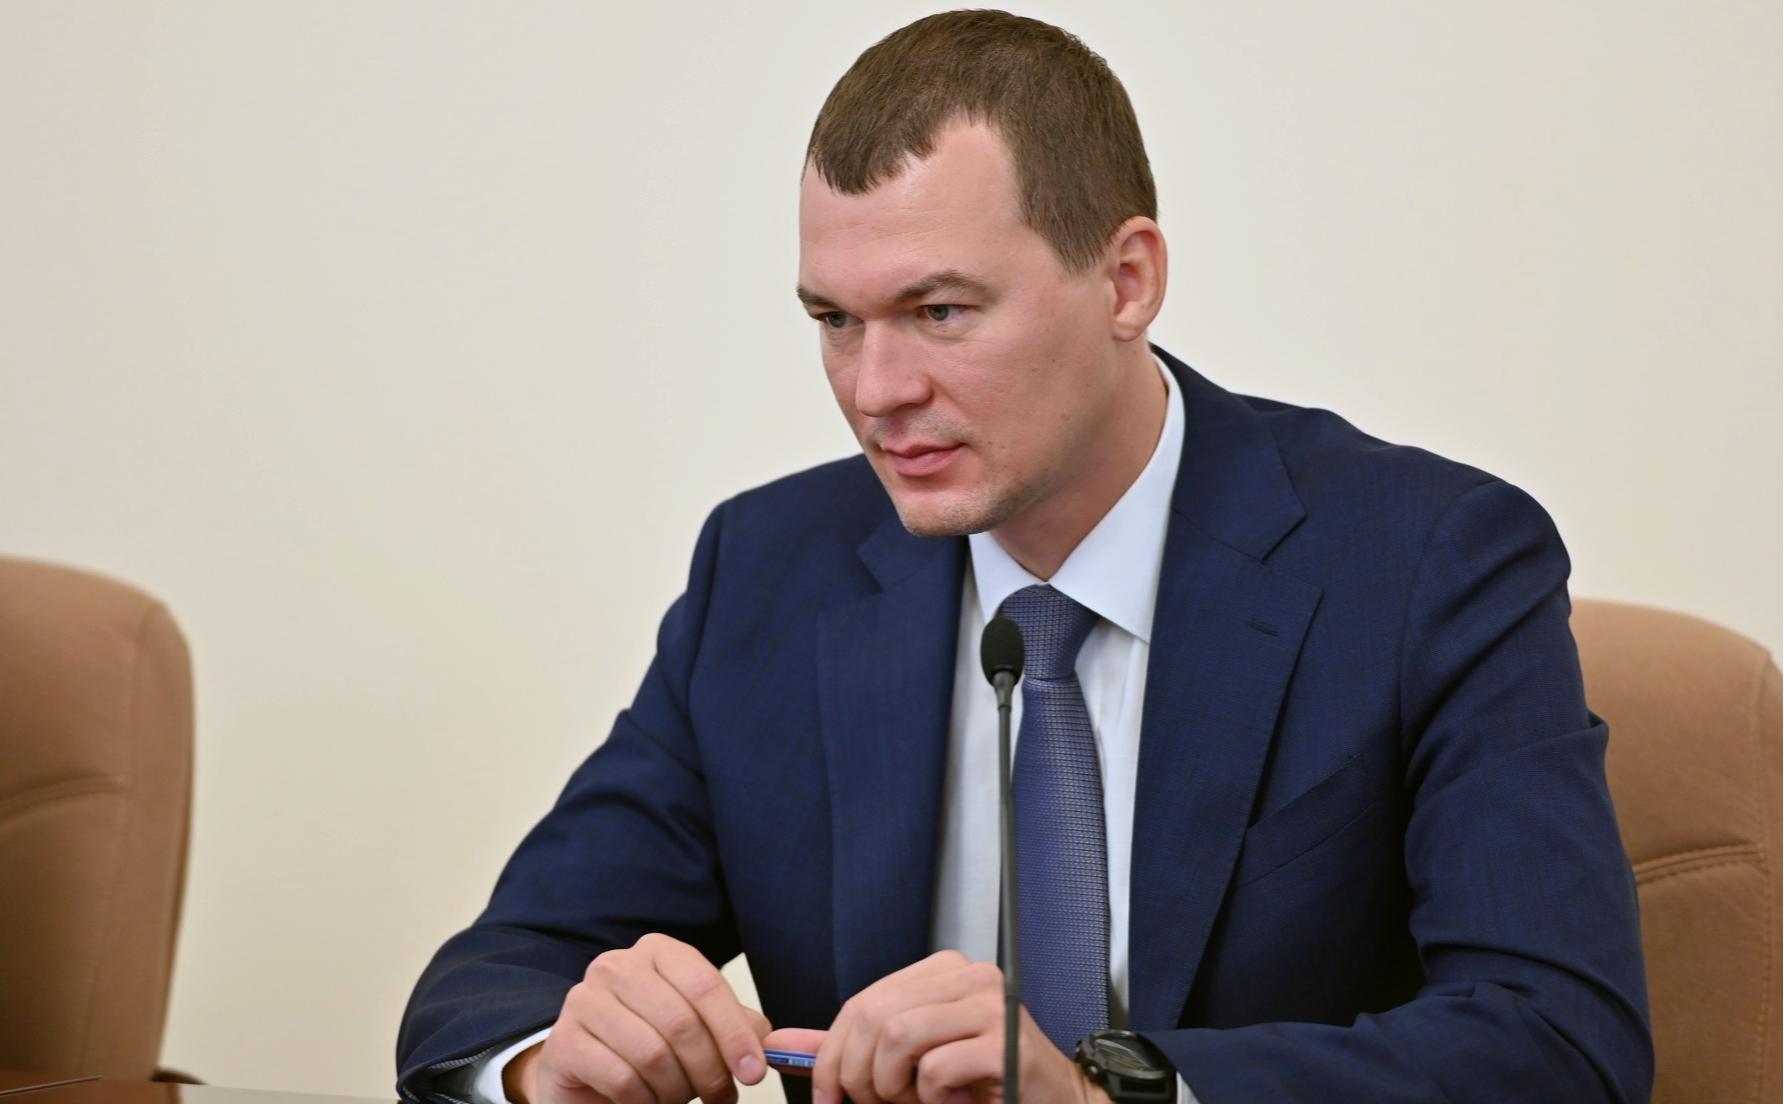 Фото:Вячеслав Реутов / РИА Новости